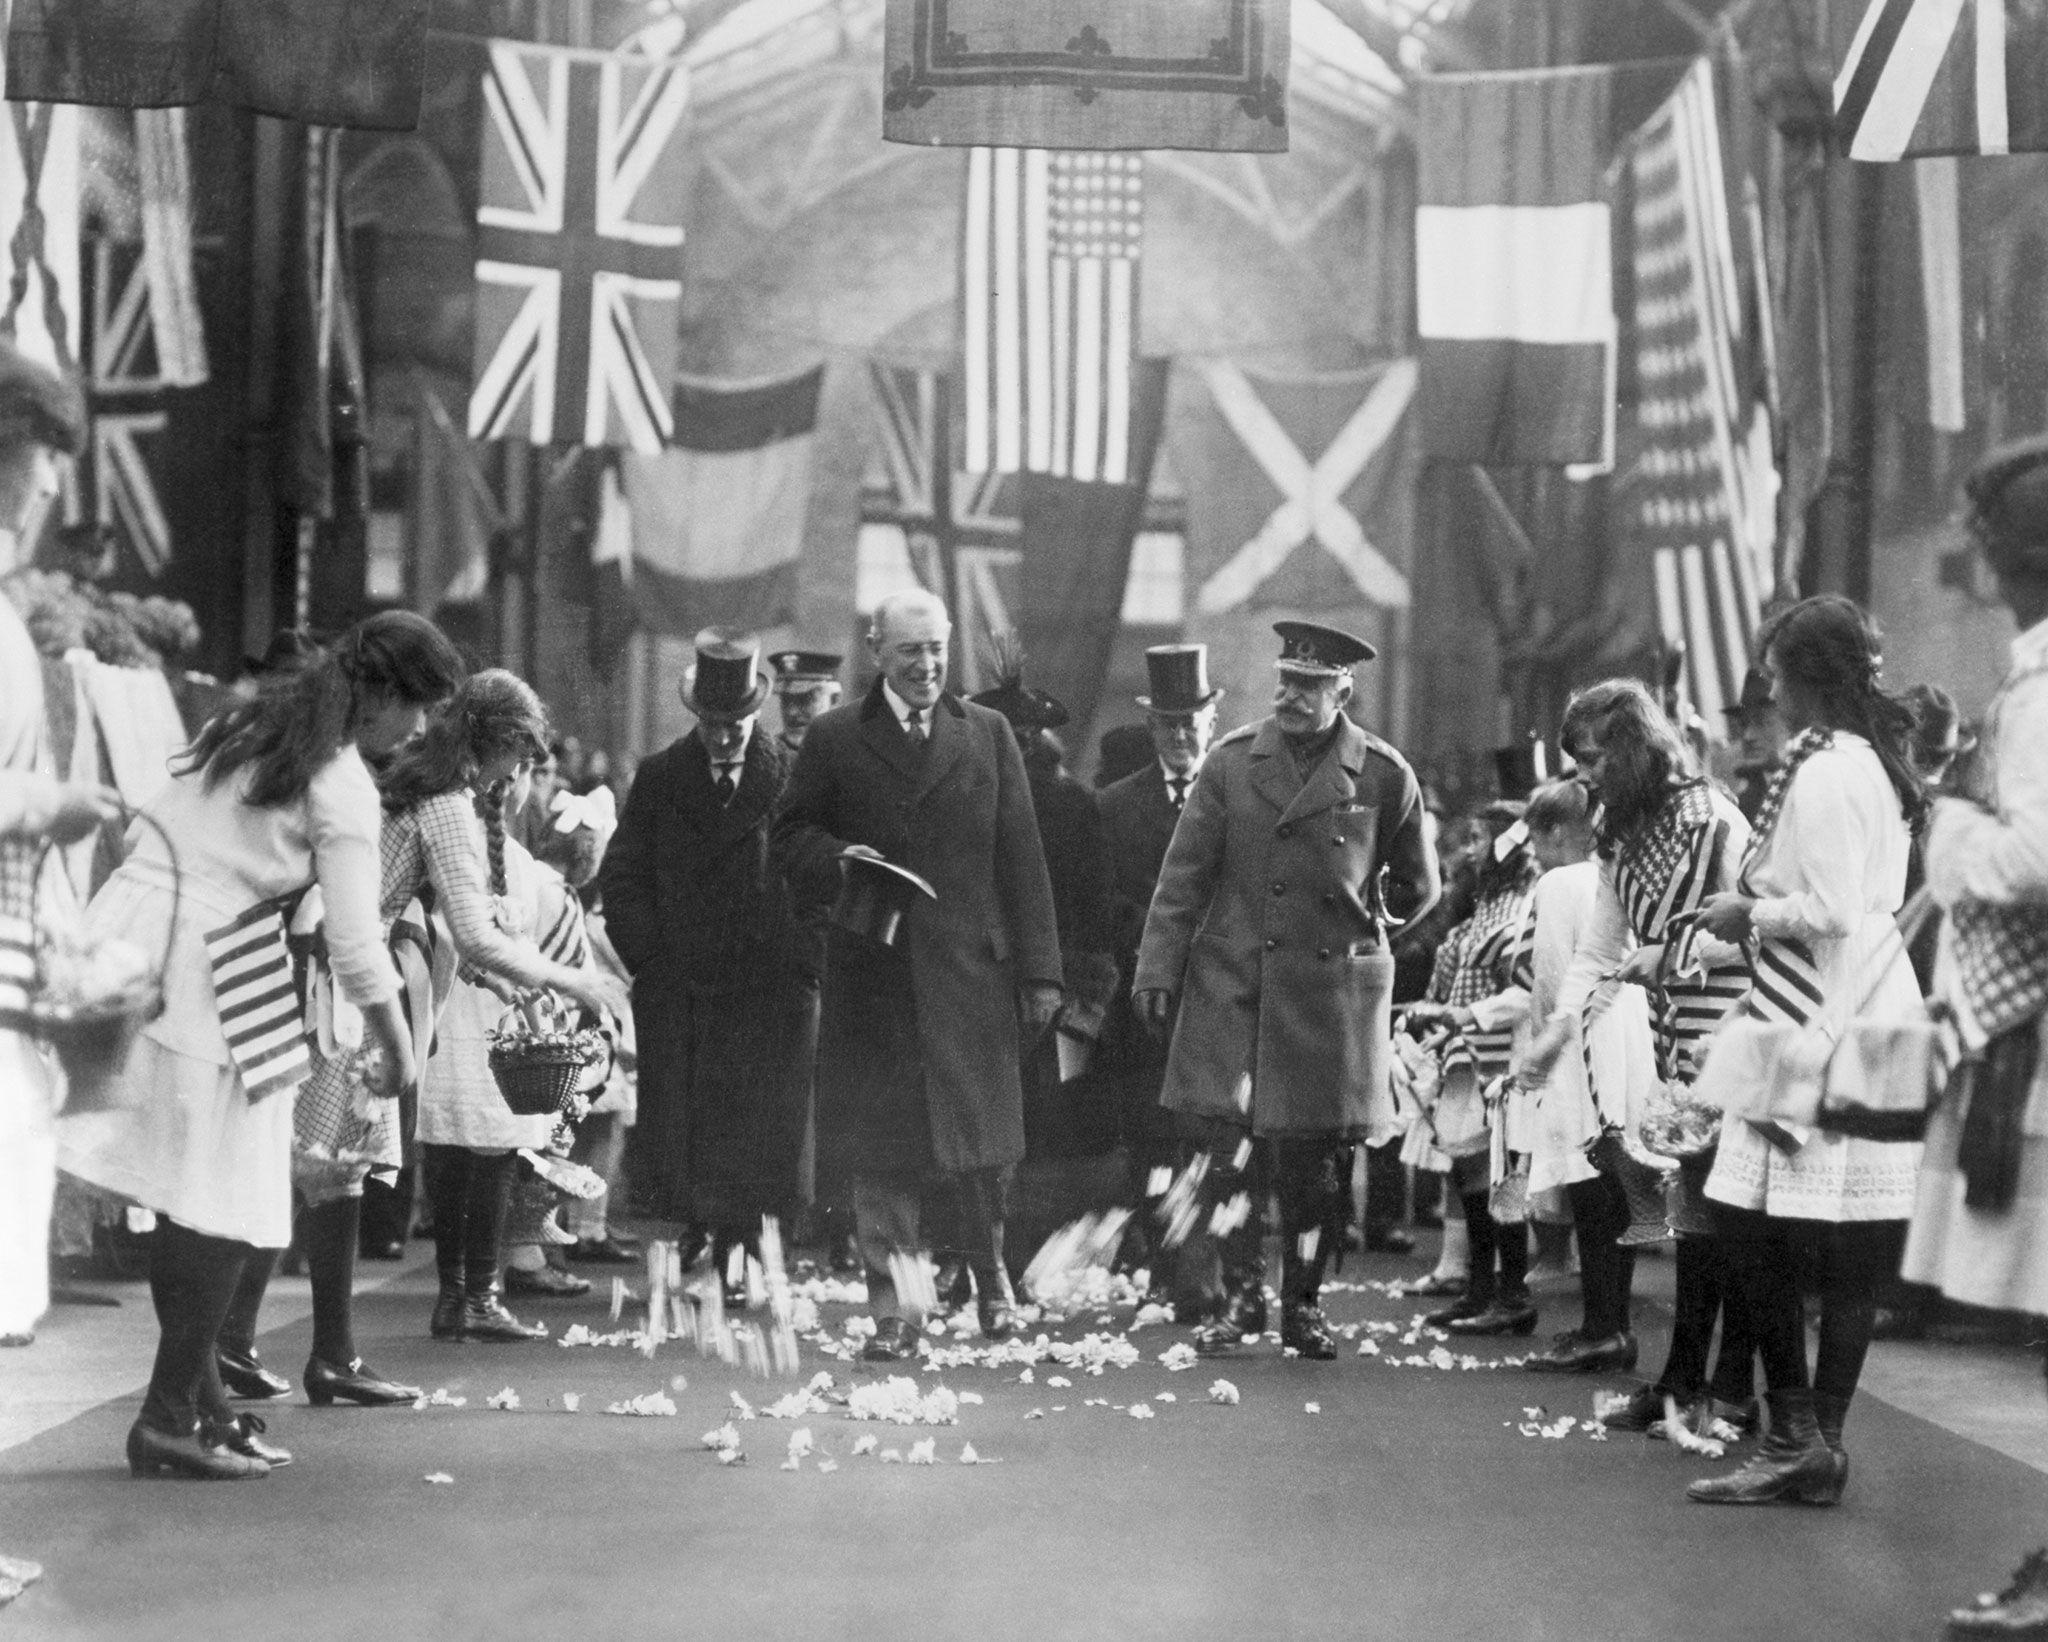 Comment le traité de Versailles a mis fin à la Première Guerre mondiale et préparé la seconde